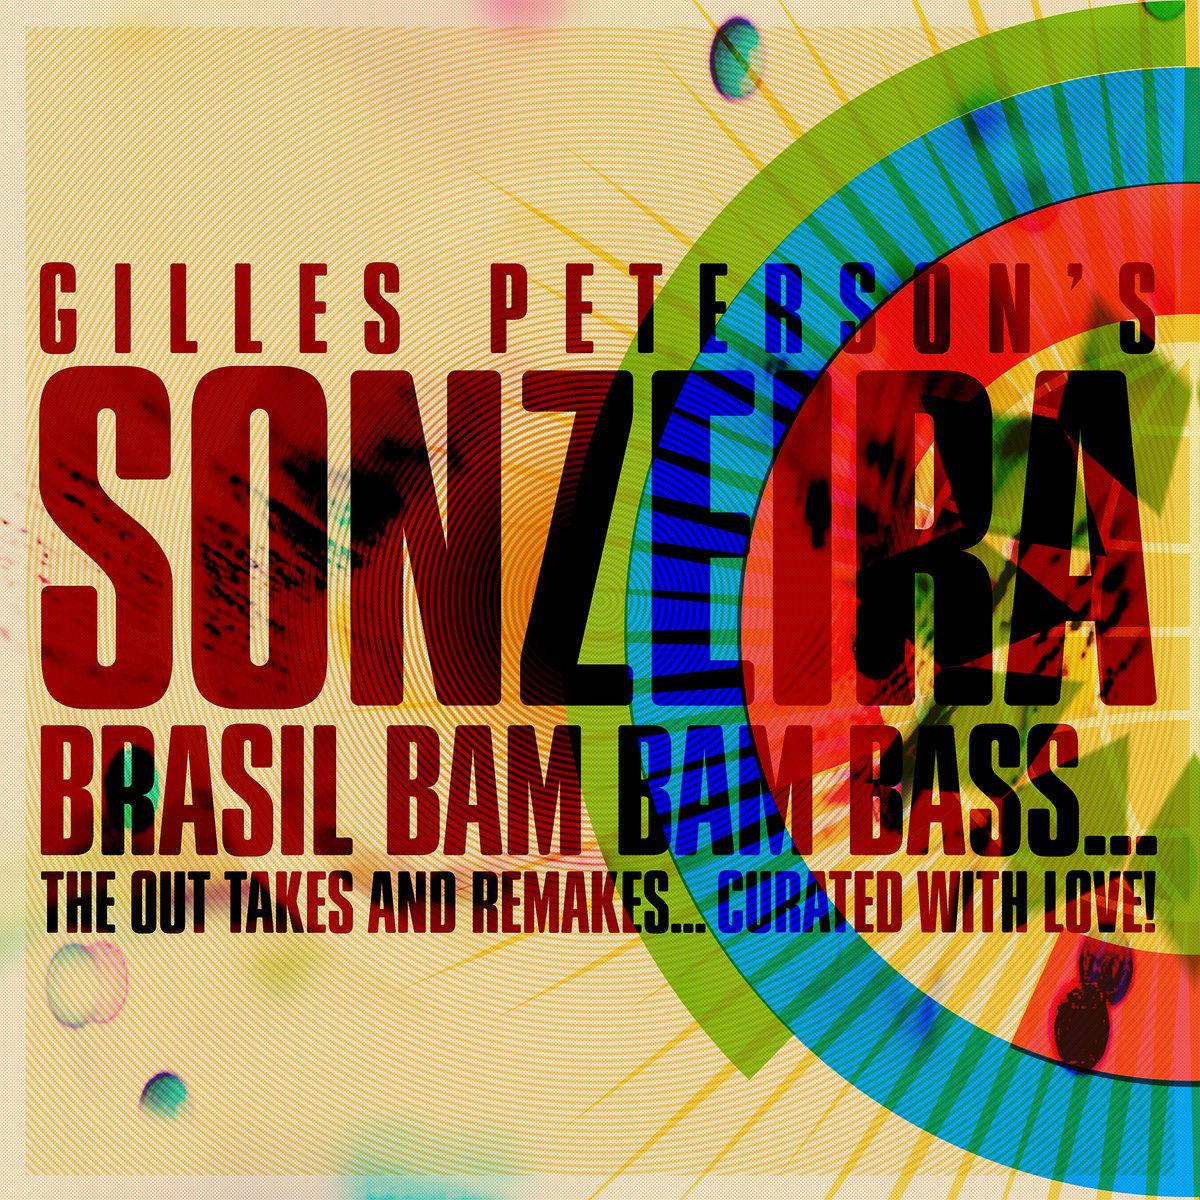 Brasil Bam Bam Bam: The Story of Sonzeira